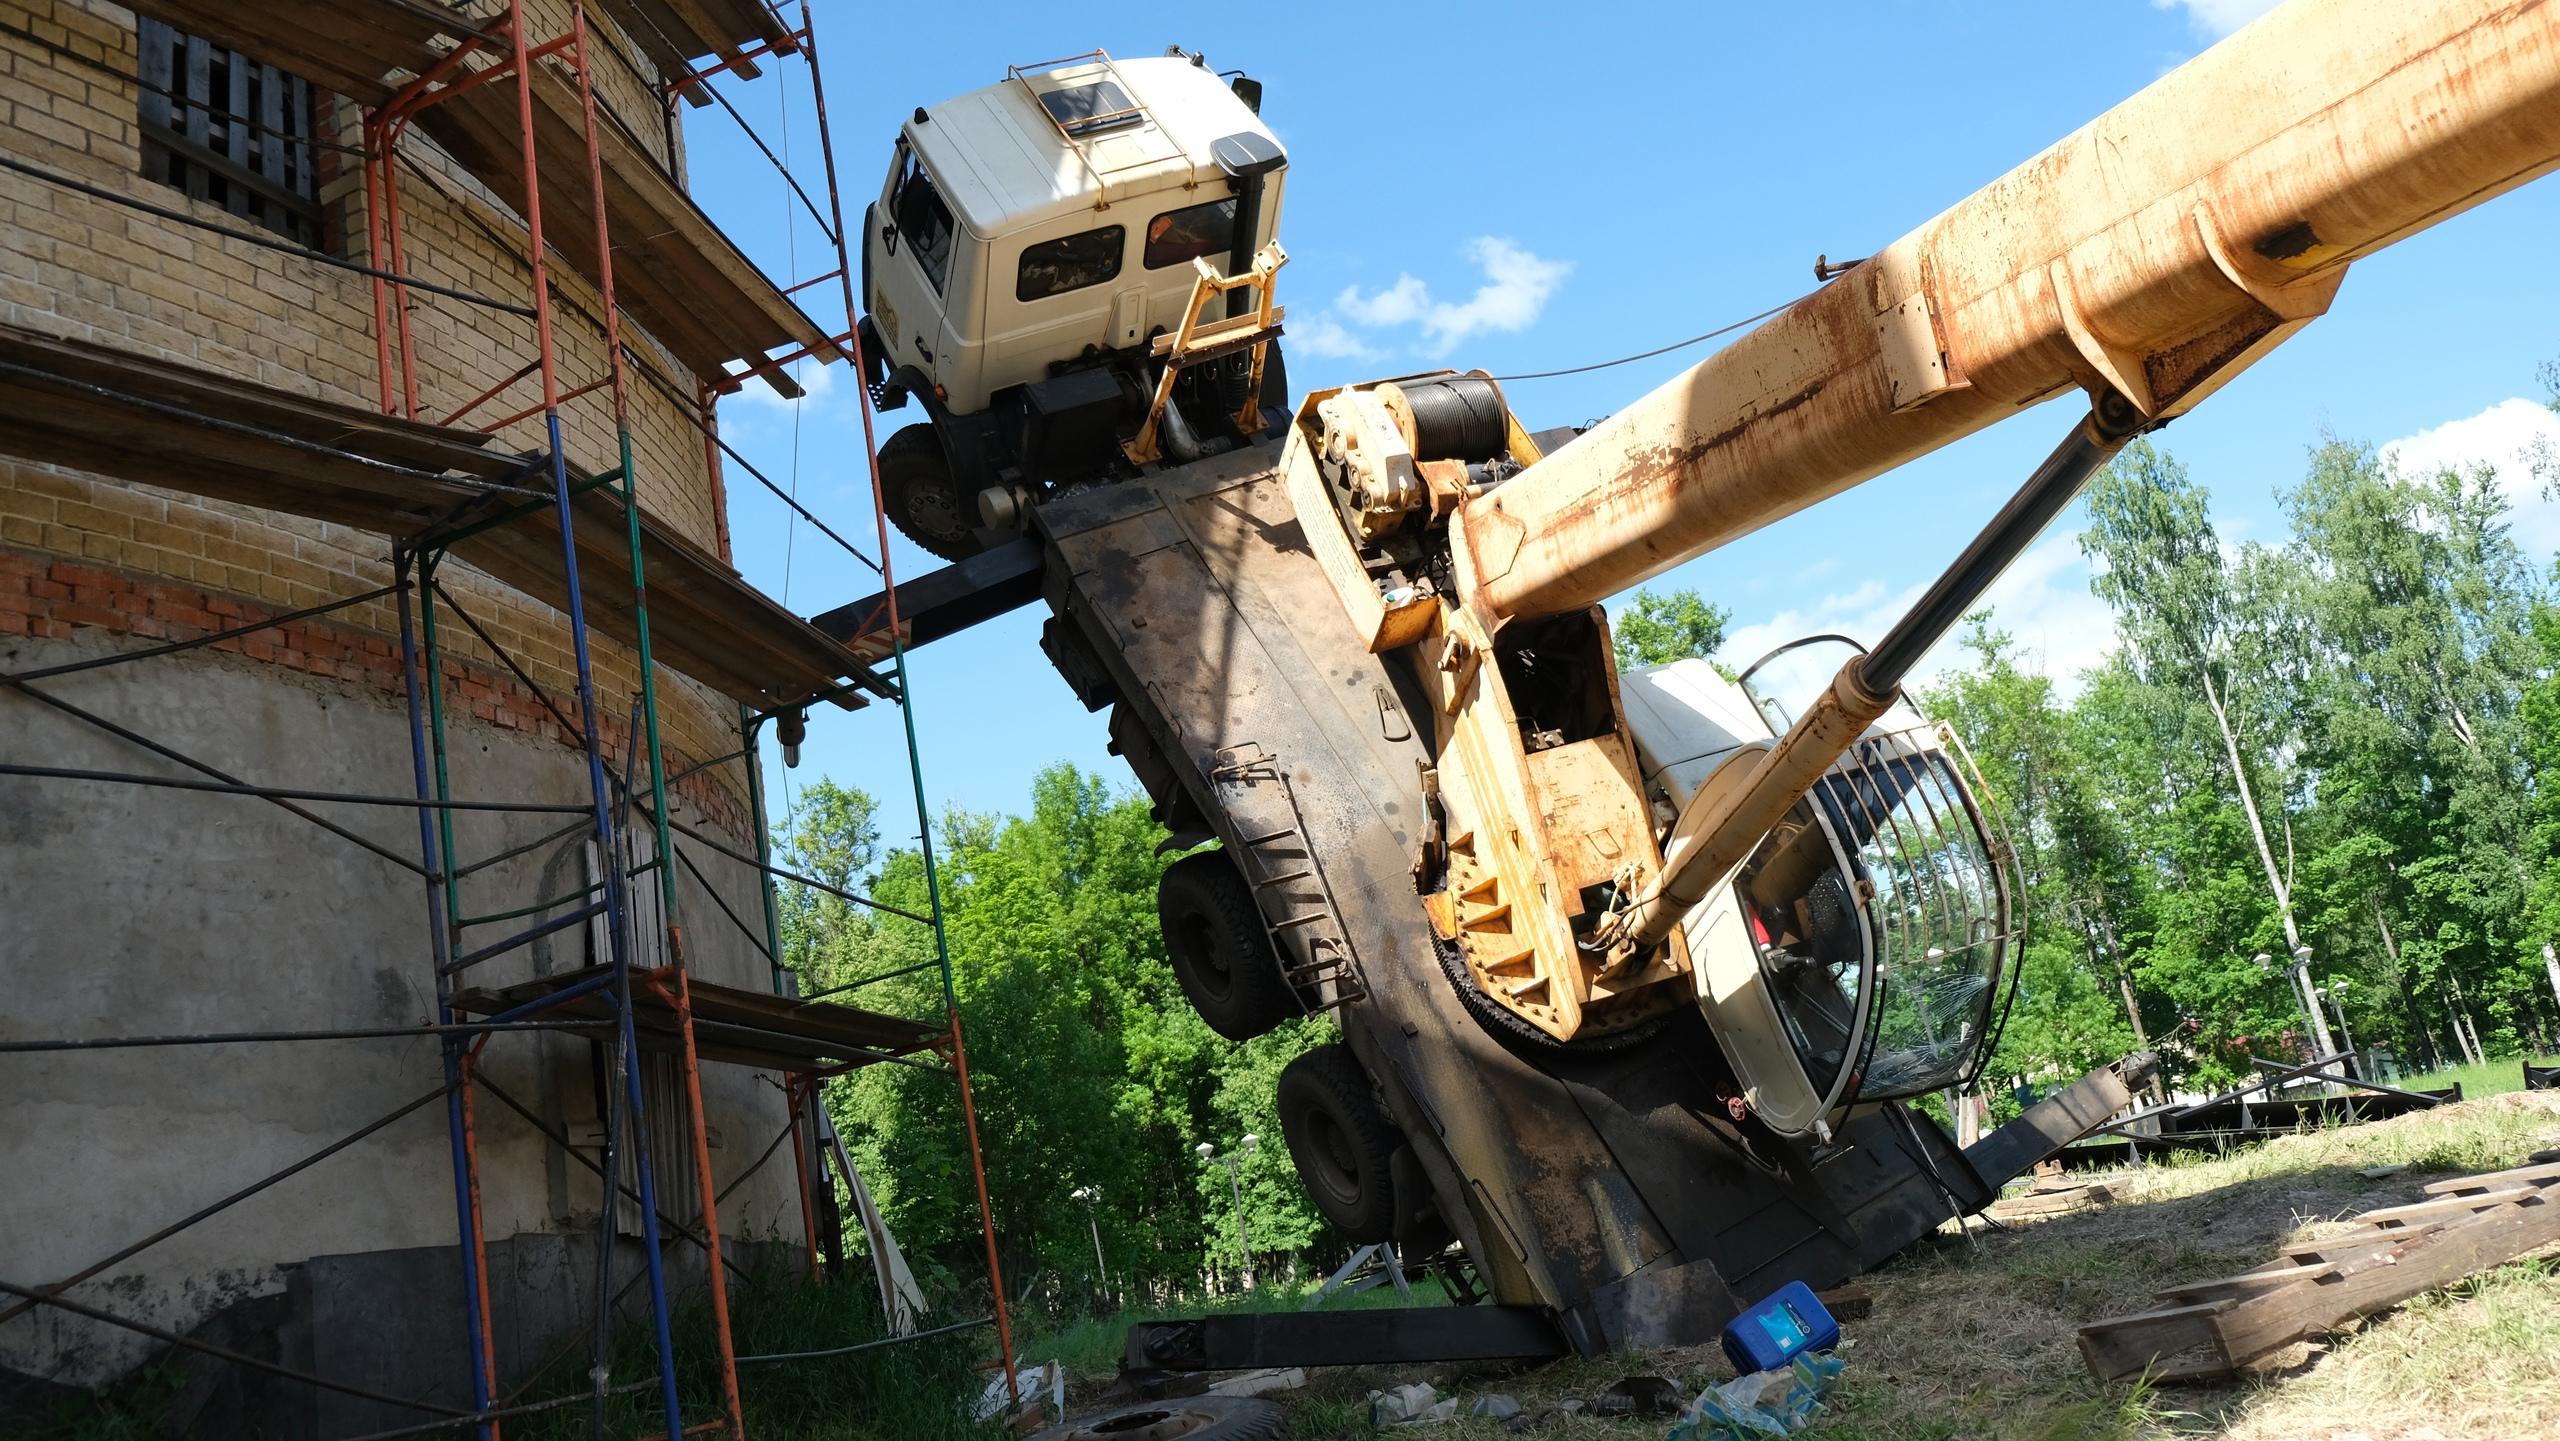 Появились подробности падения 25-тонного крана у храма в Тверской области